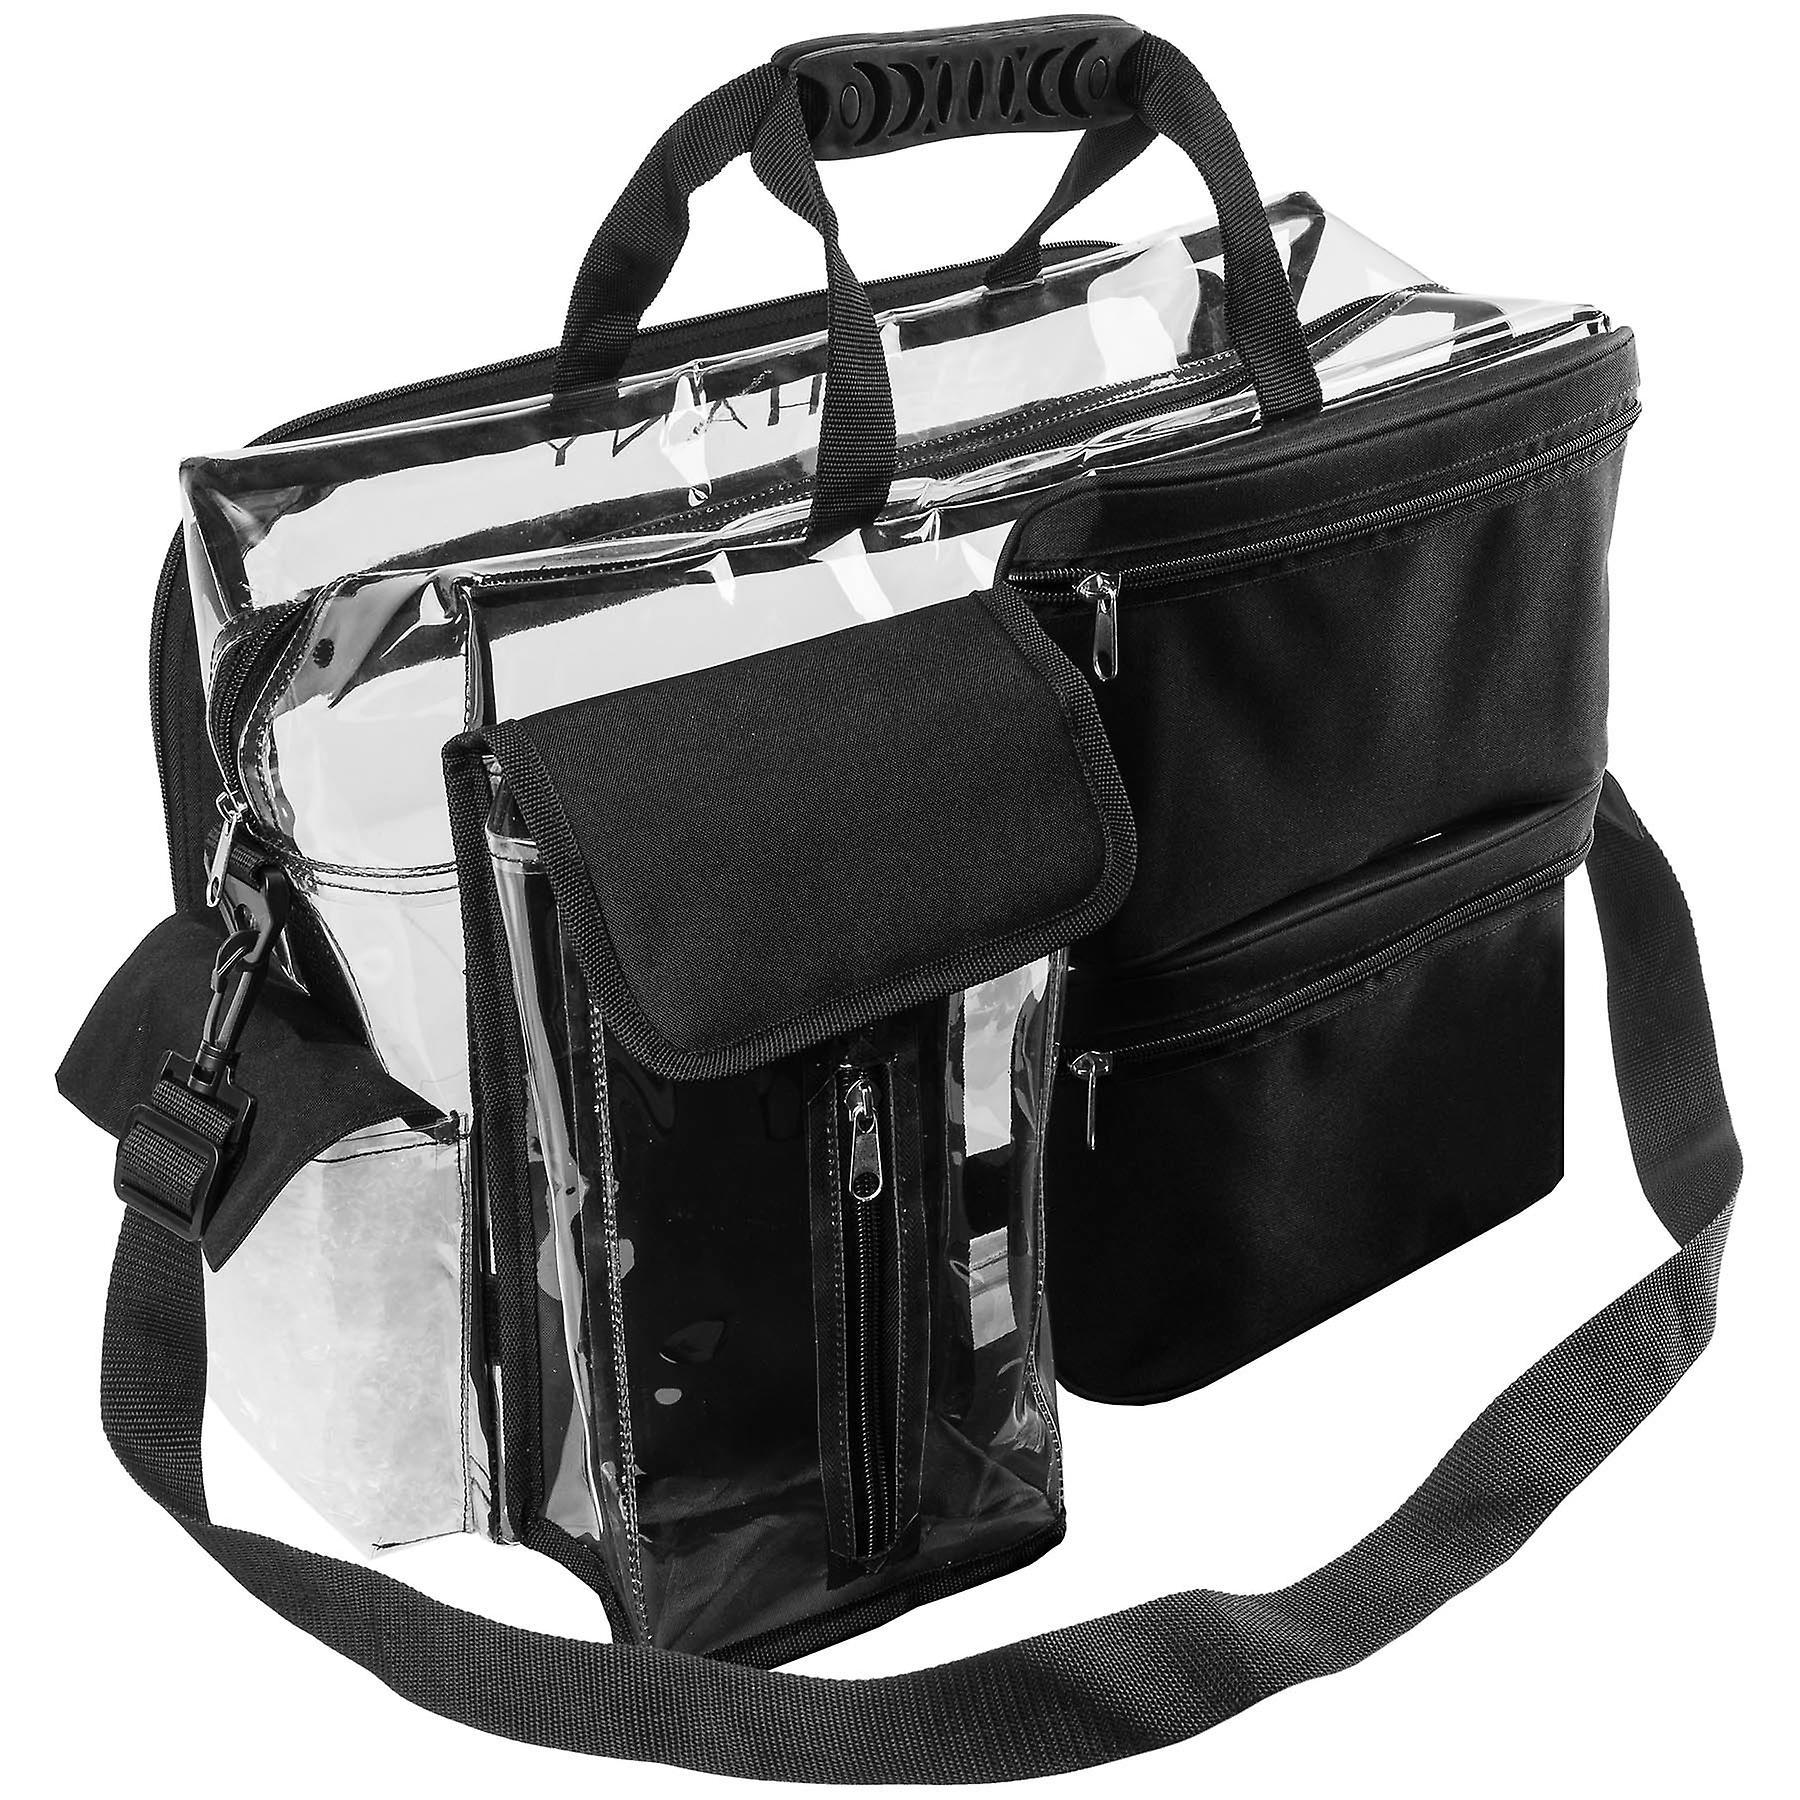 SAC d'artiste de maquillage de voyage de SHANY avec des compartiments amovibles - sac fourre-tout clair avec des poches amovibles - Organisateur de maquillage - clair/noir